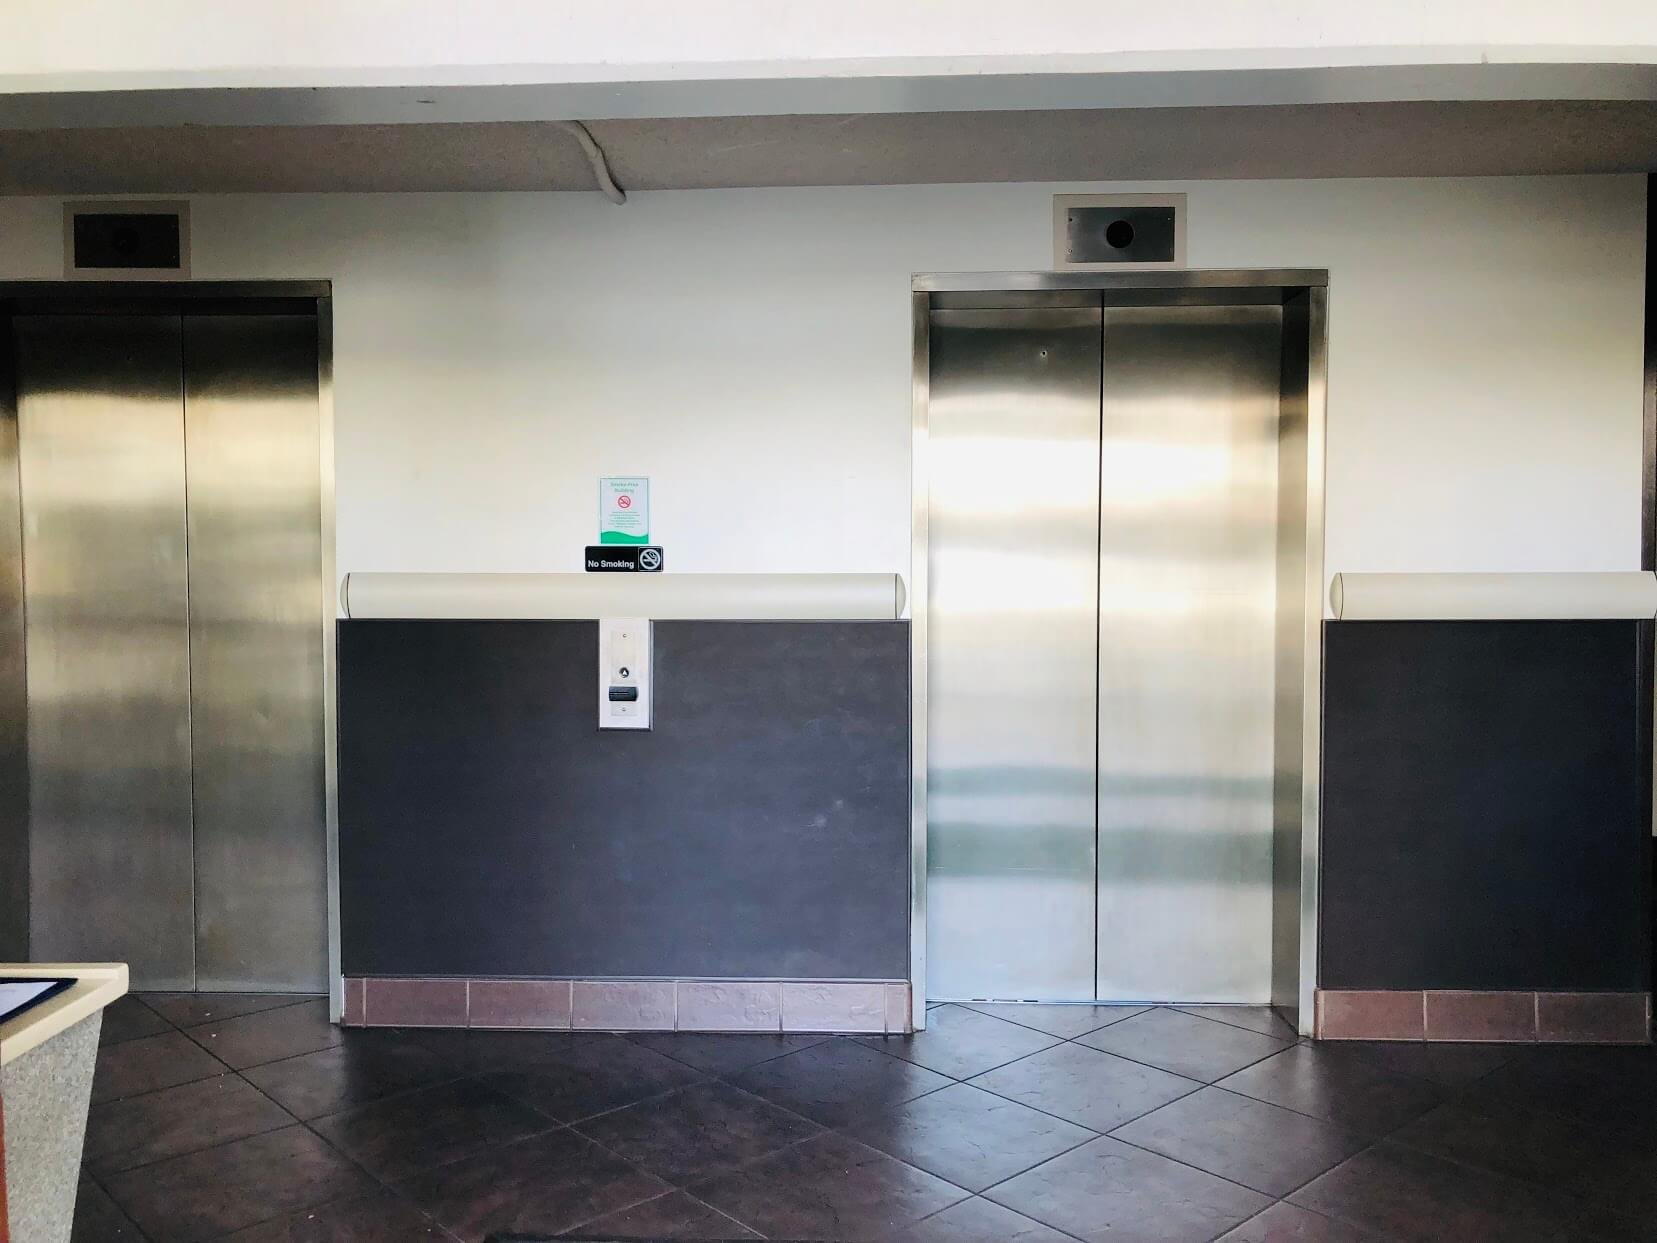 Atkinson Plazaのエレベーター